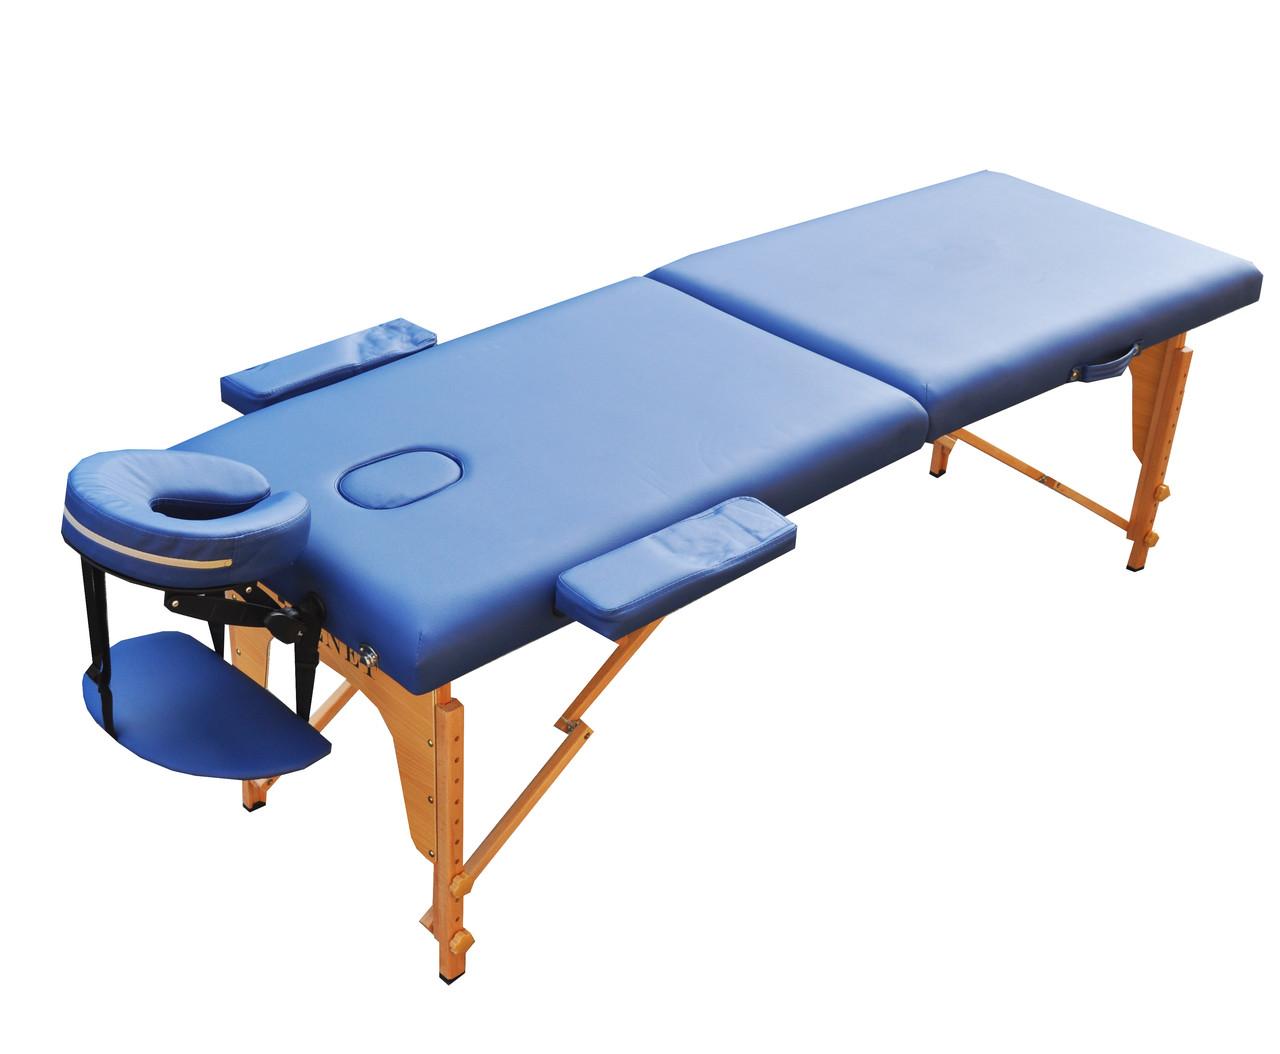 Массажный стол с вырезом под лицо. Синий, размер S (180*60*61). ZENET ZET-1042